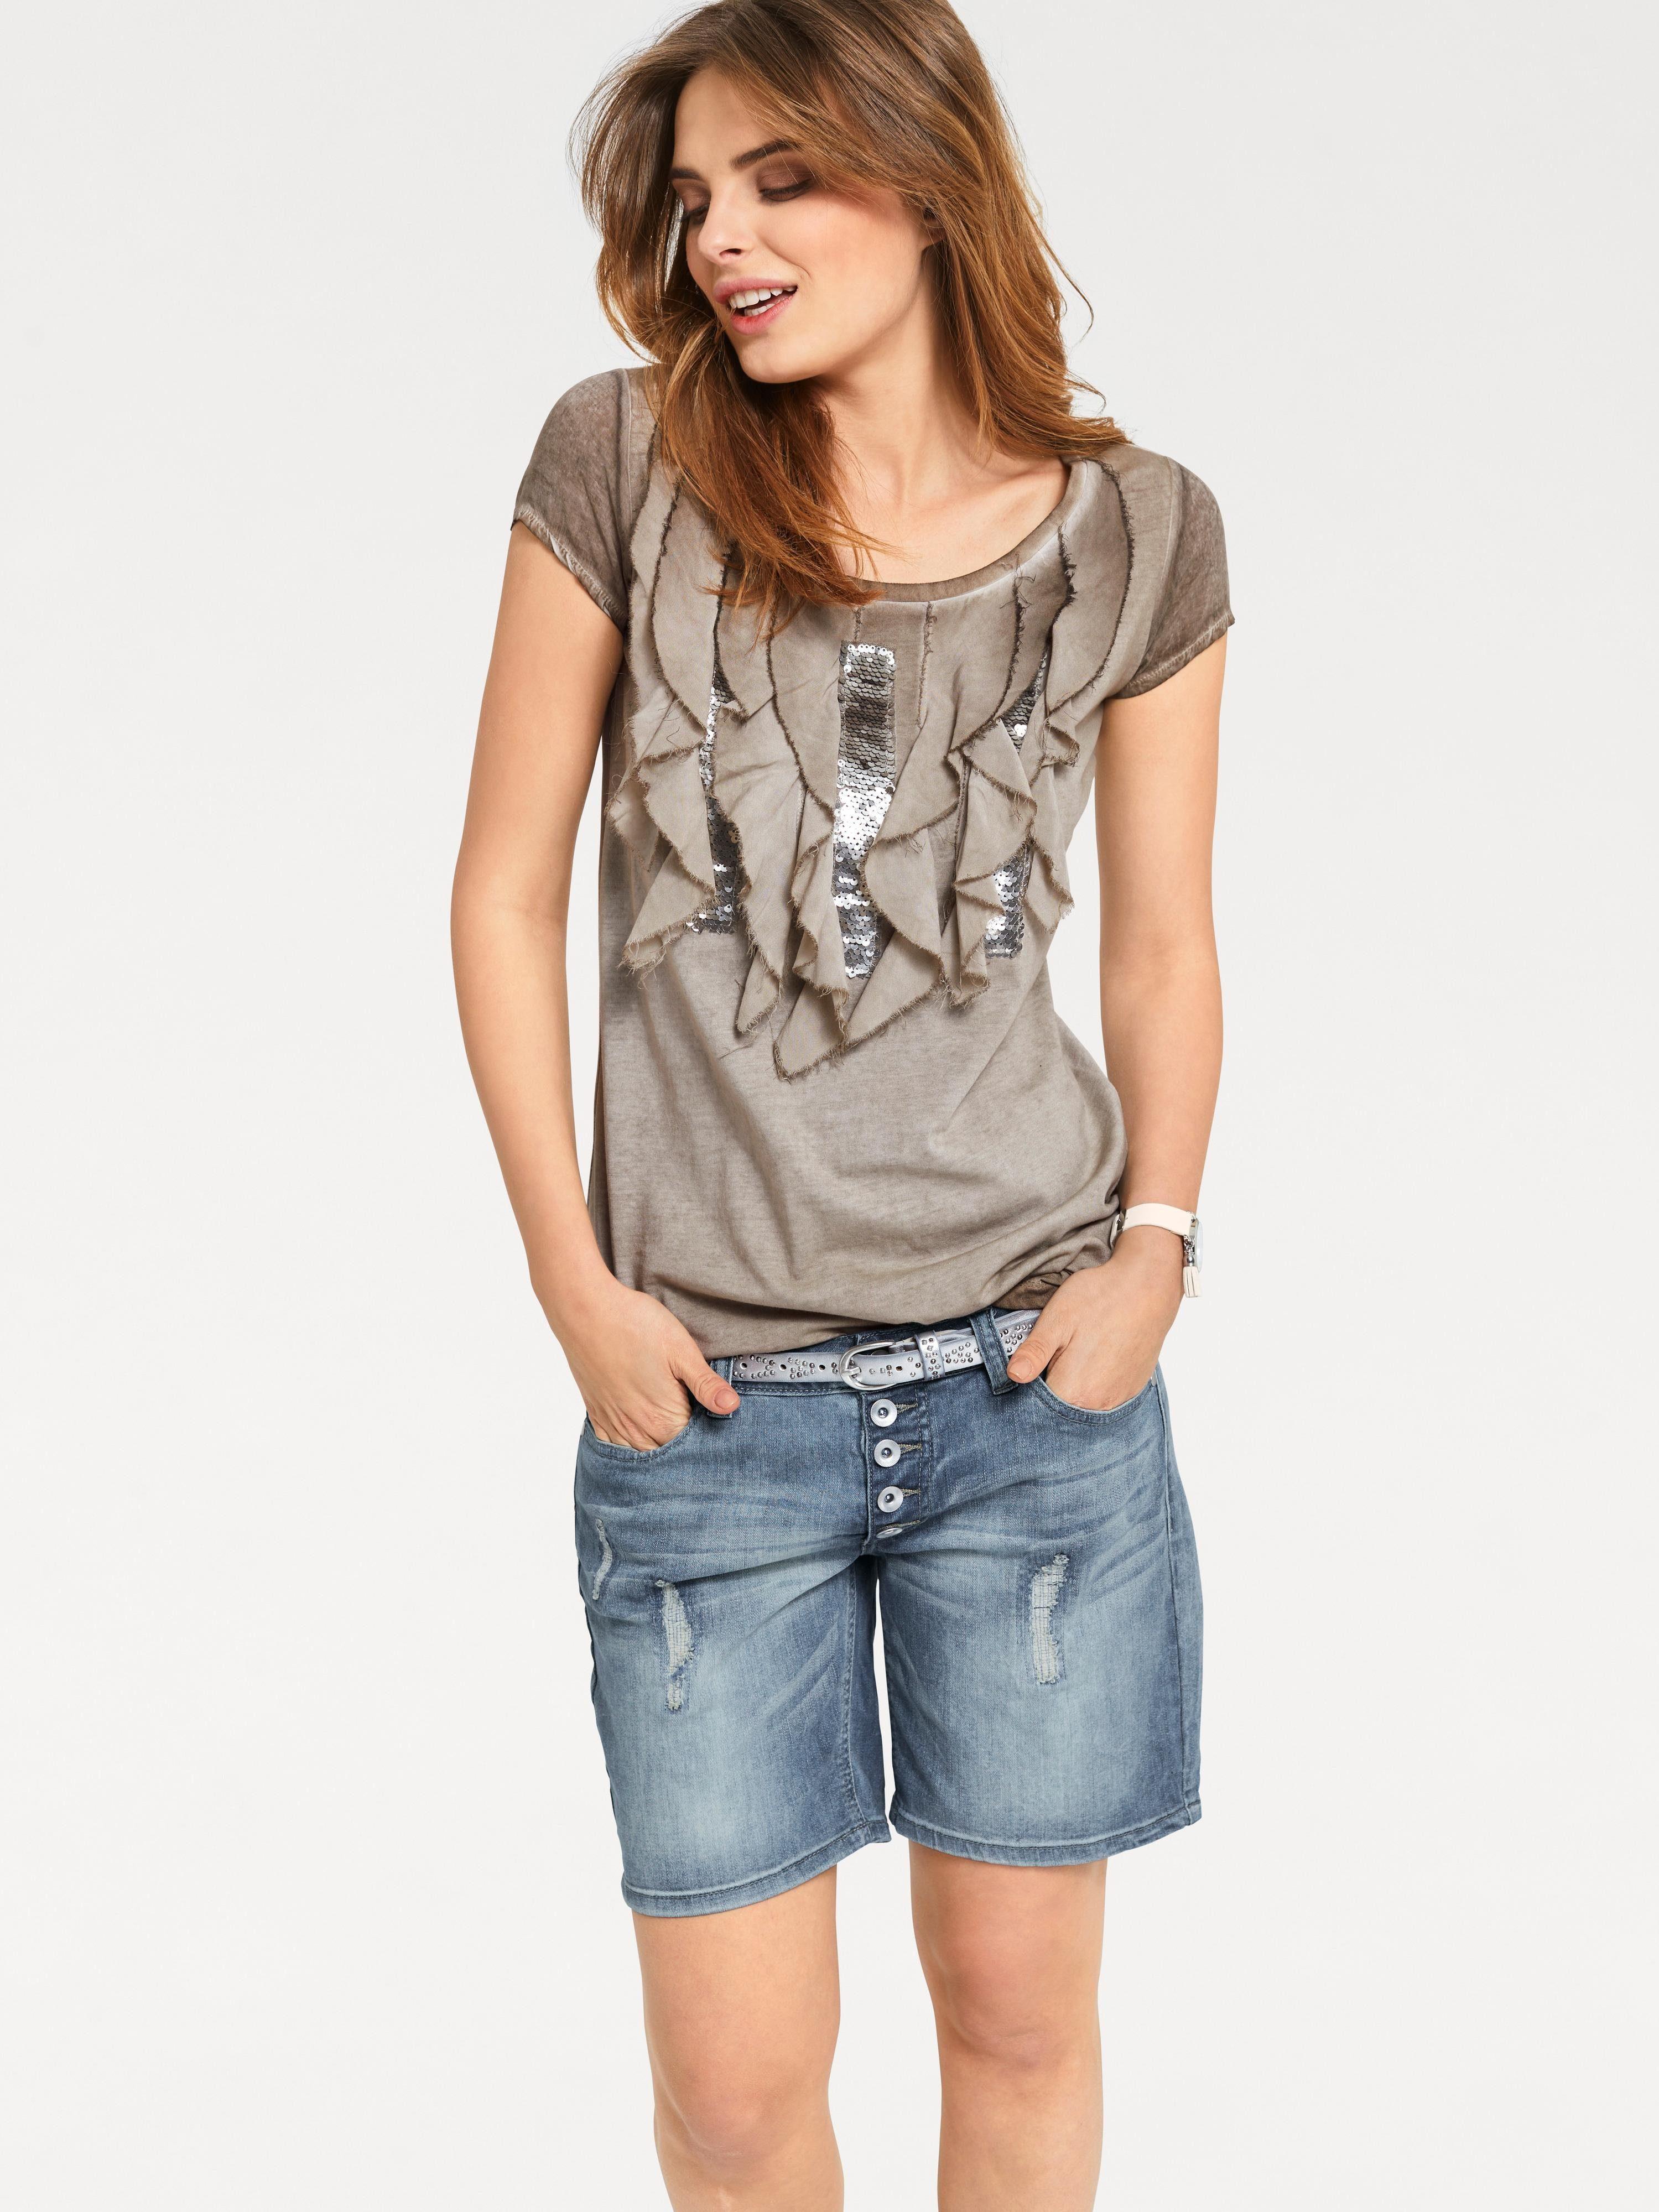 Pailletten Shirt Heine Kaufen Volant Und Casual KT5l1cFJ3u